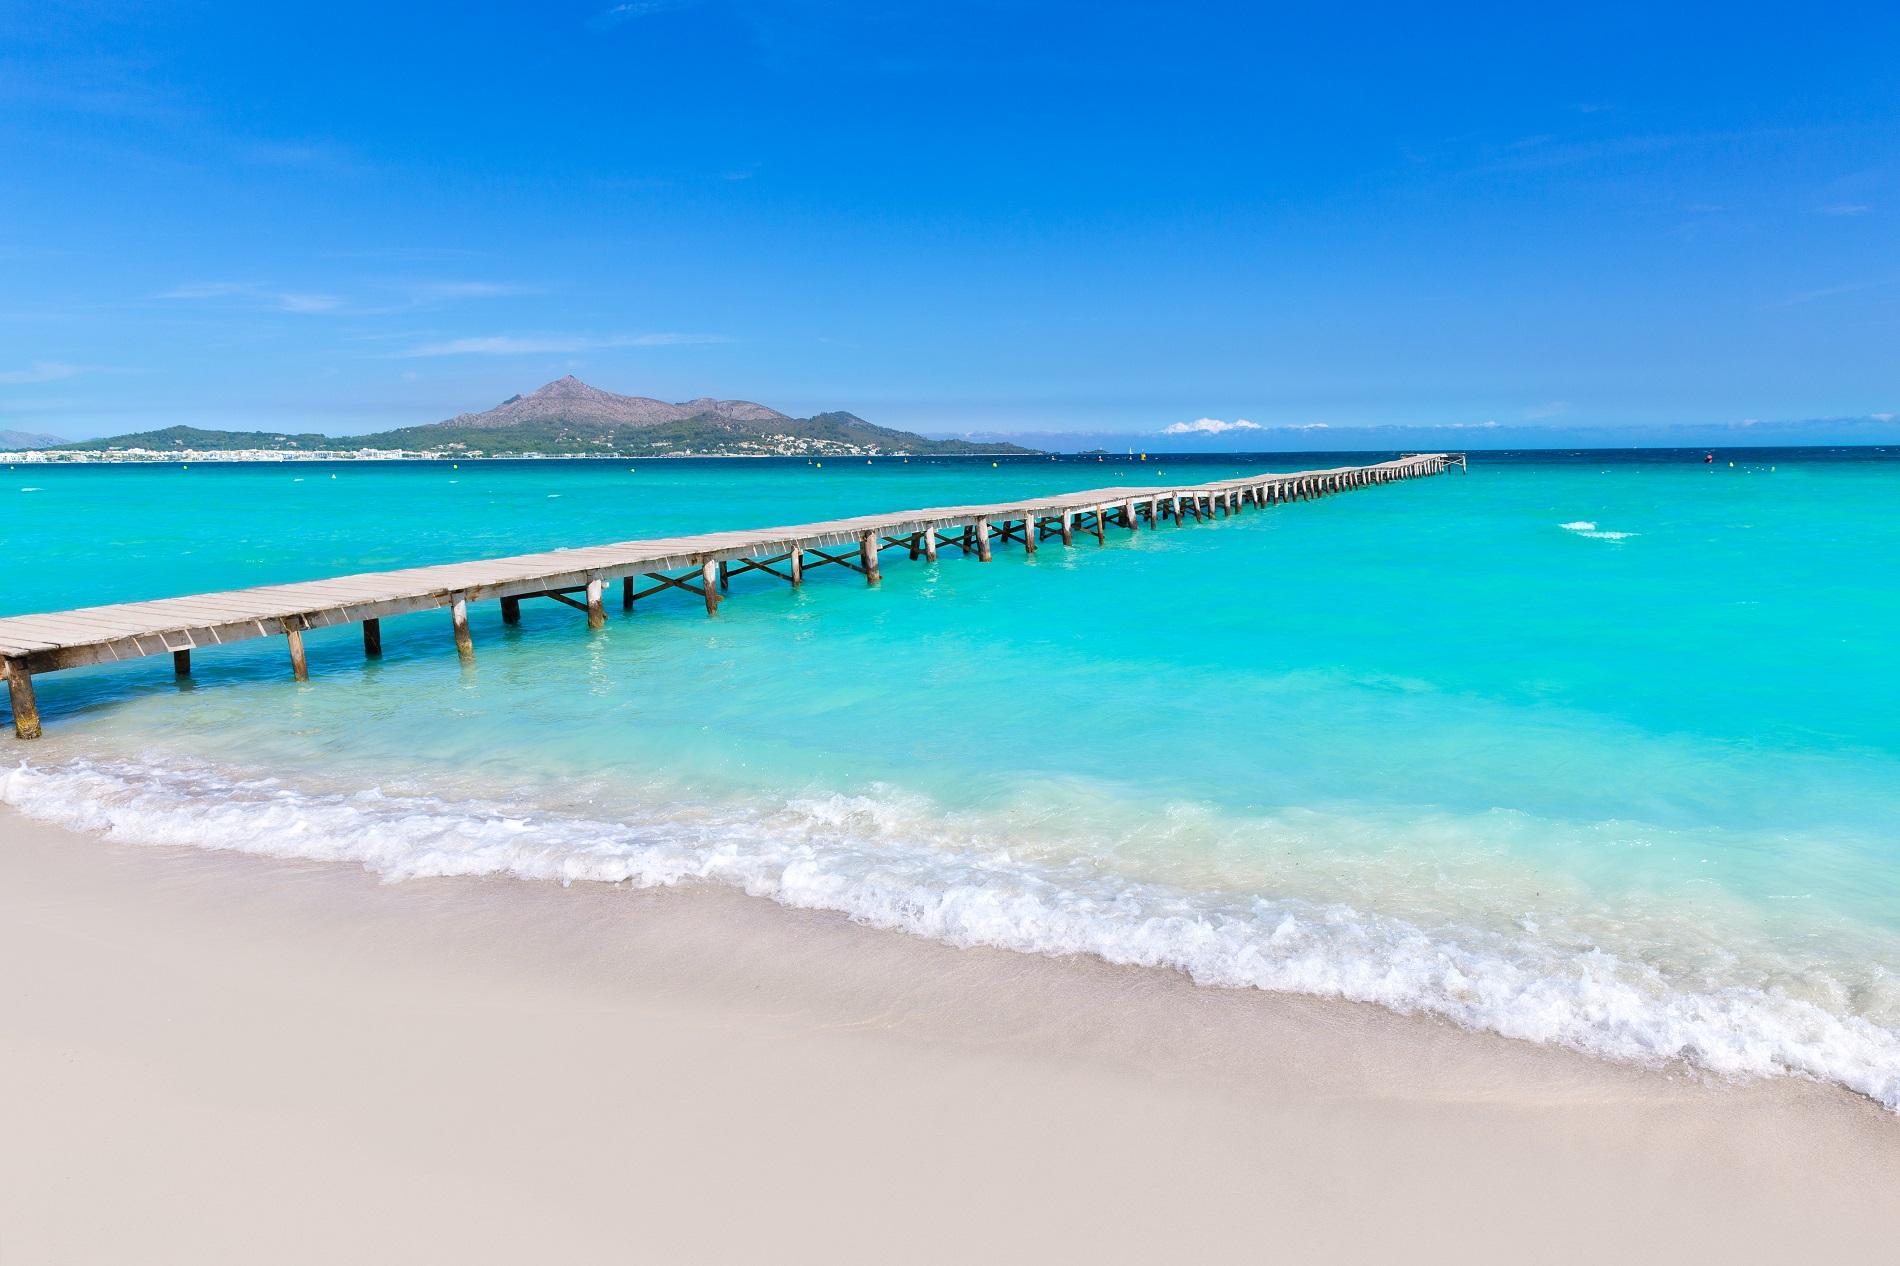 La miglior spiaggia di maiorca per i turisti playa de muro for Palma de maiorca dove soggiornare